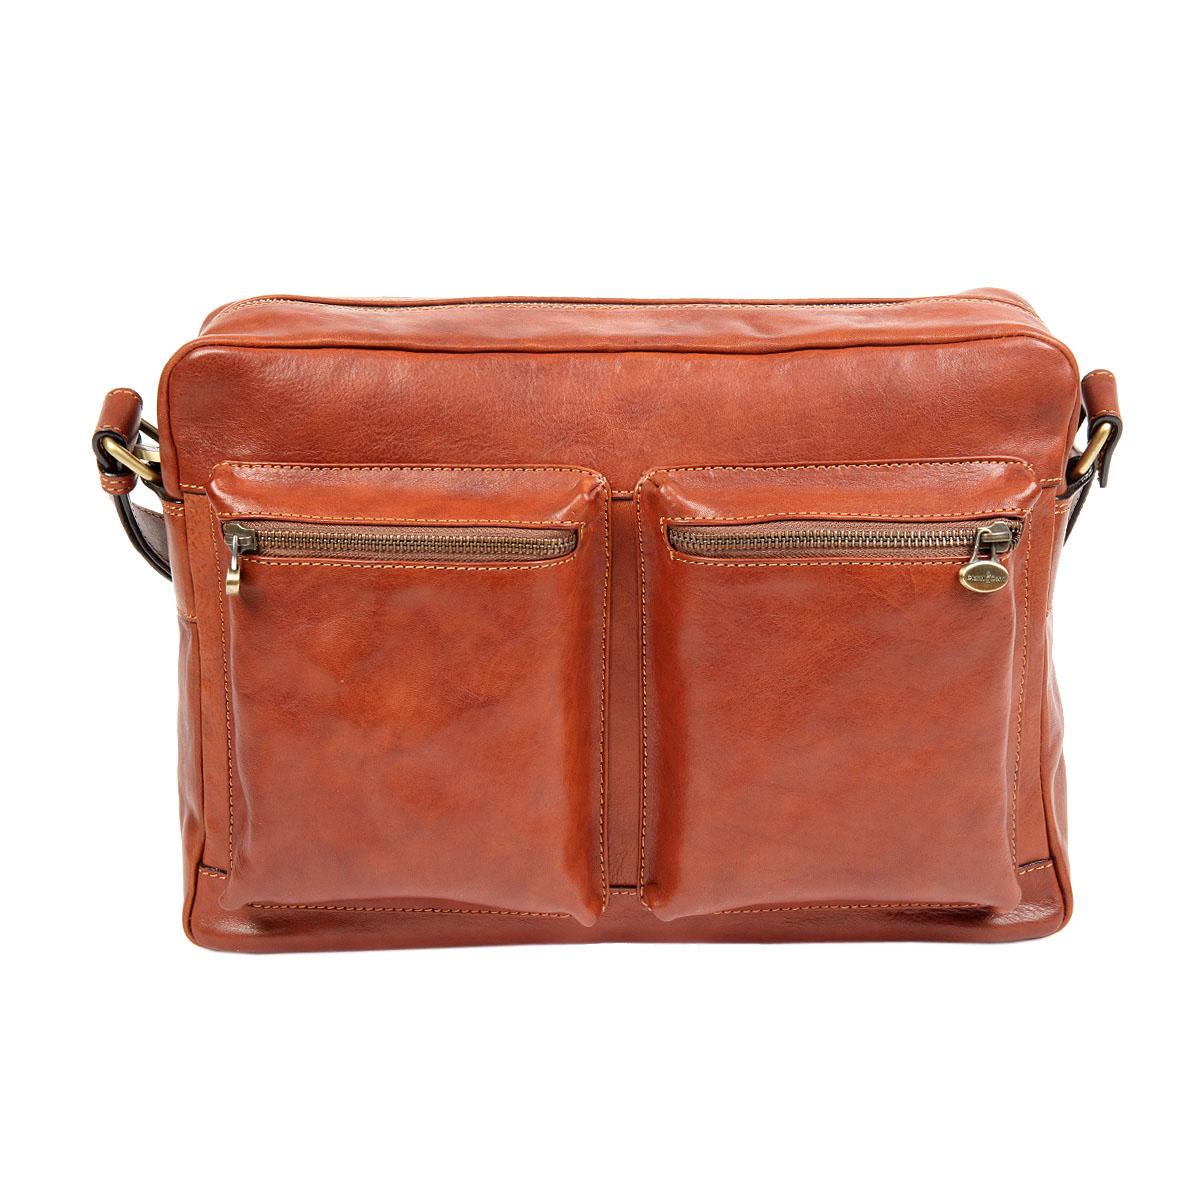 Сумка мужская Gianni Conti, цвет: светло-коричневый. 9123043-47660-00504Стильная мужская сумка Gianni Conti выполнена из натуральной кожи. Изделие имеет одно основное отделение, которое закрывается на застежку-молнию. Внутри имеются два открытых накладных кармана, держатель для авторучки, мягкий карман для планшета, который закрывается на хлястик с липучкой и прорезной карман на застежке-молнии. Снаружи, на передней стенке расположены два накладных объемных кармана на застежках-молниях, на задней стенке - прорезной карман на застежке-молнии. Модель оснащена плечевым ремнем, который регулируется по длине. Роскошная сумка внесет элегантные нотки в ваш образ и подчеркнет ваше отменное чувство стиля.